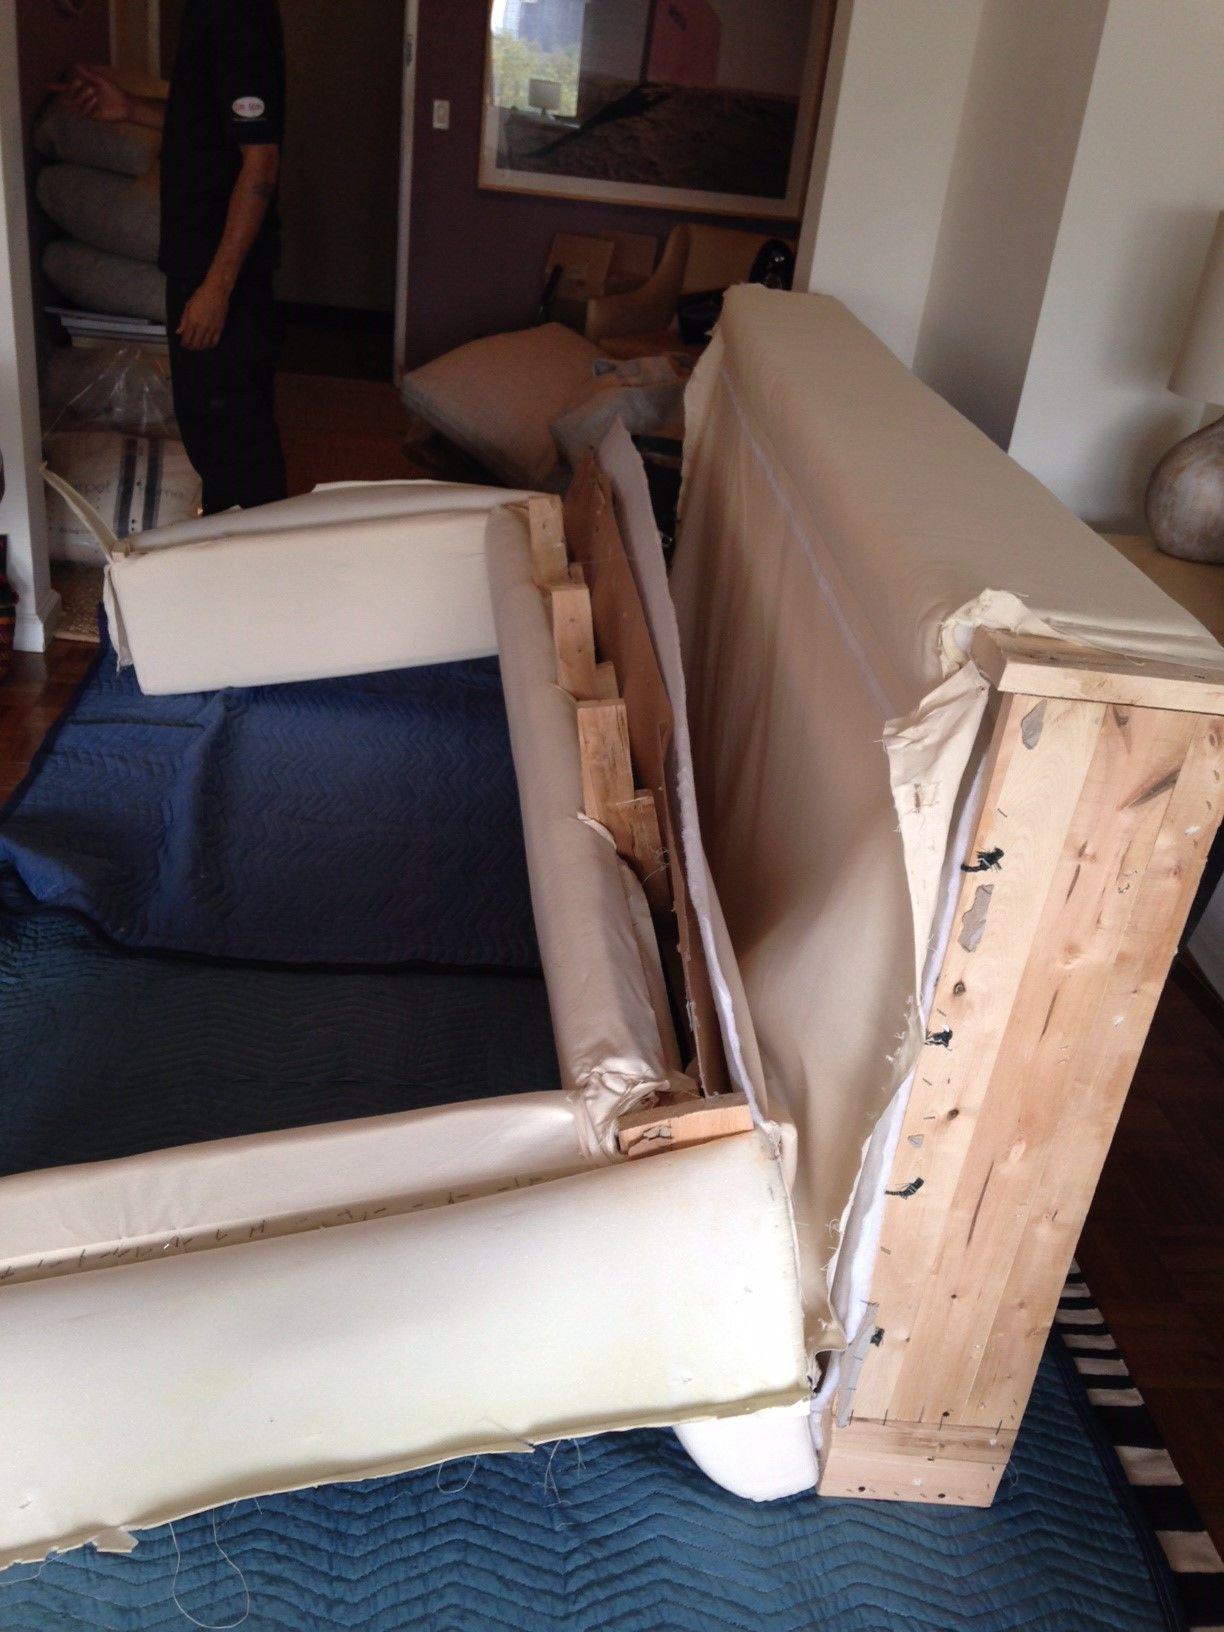 Take Apart A Sofa Furniture Doctor Furniture Fitted Furniture